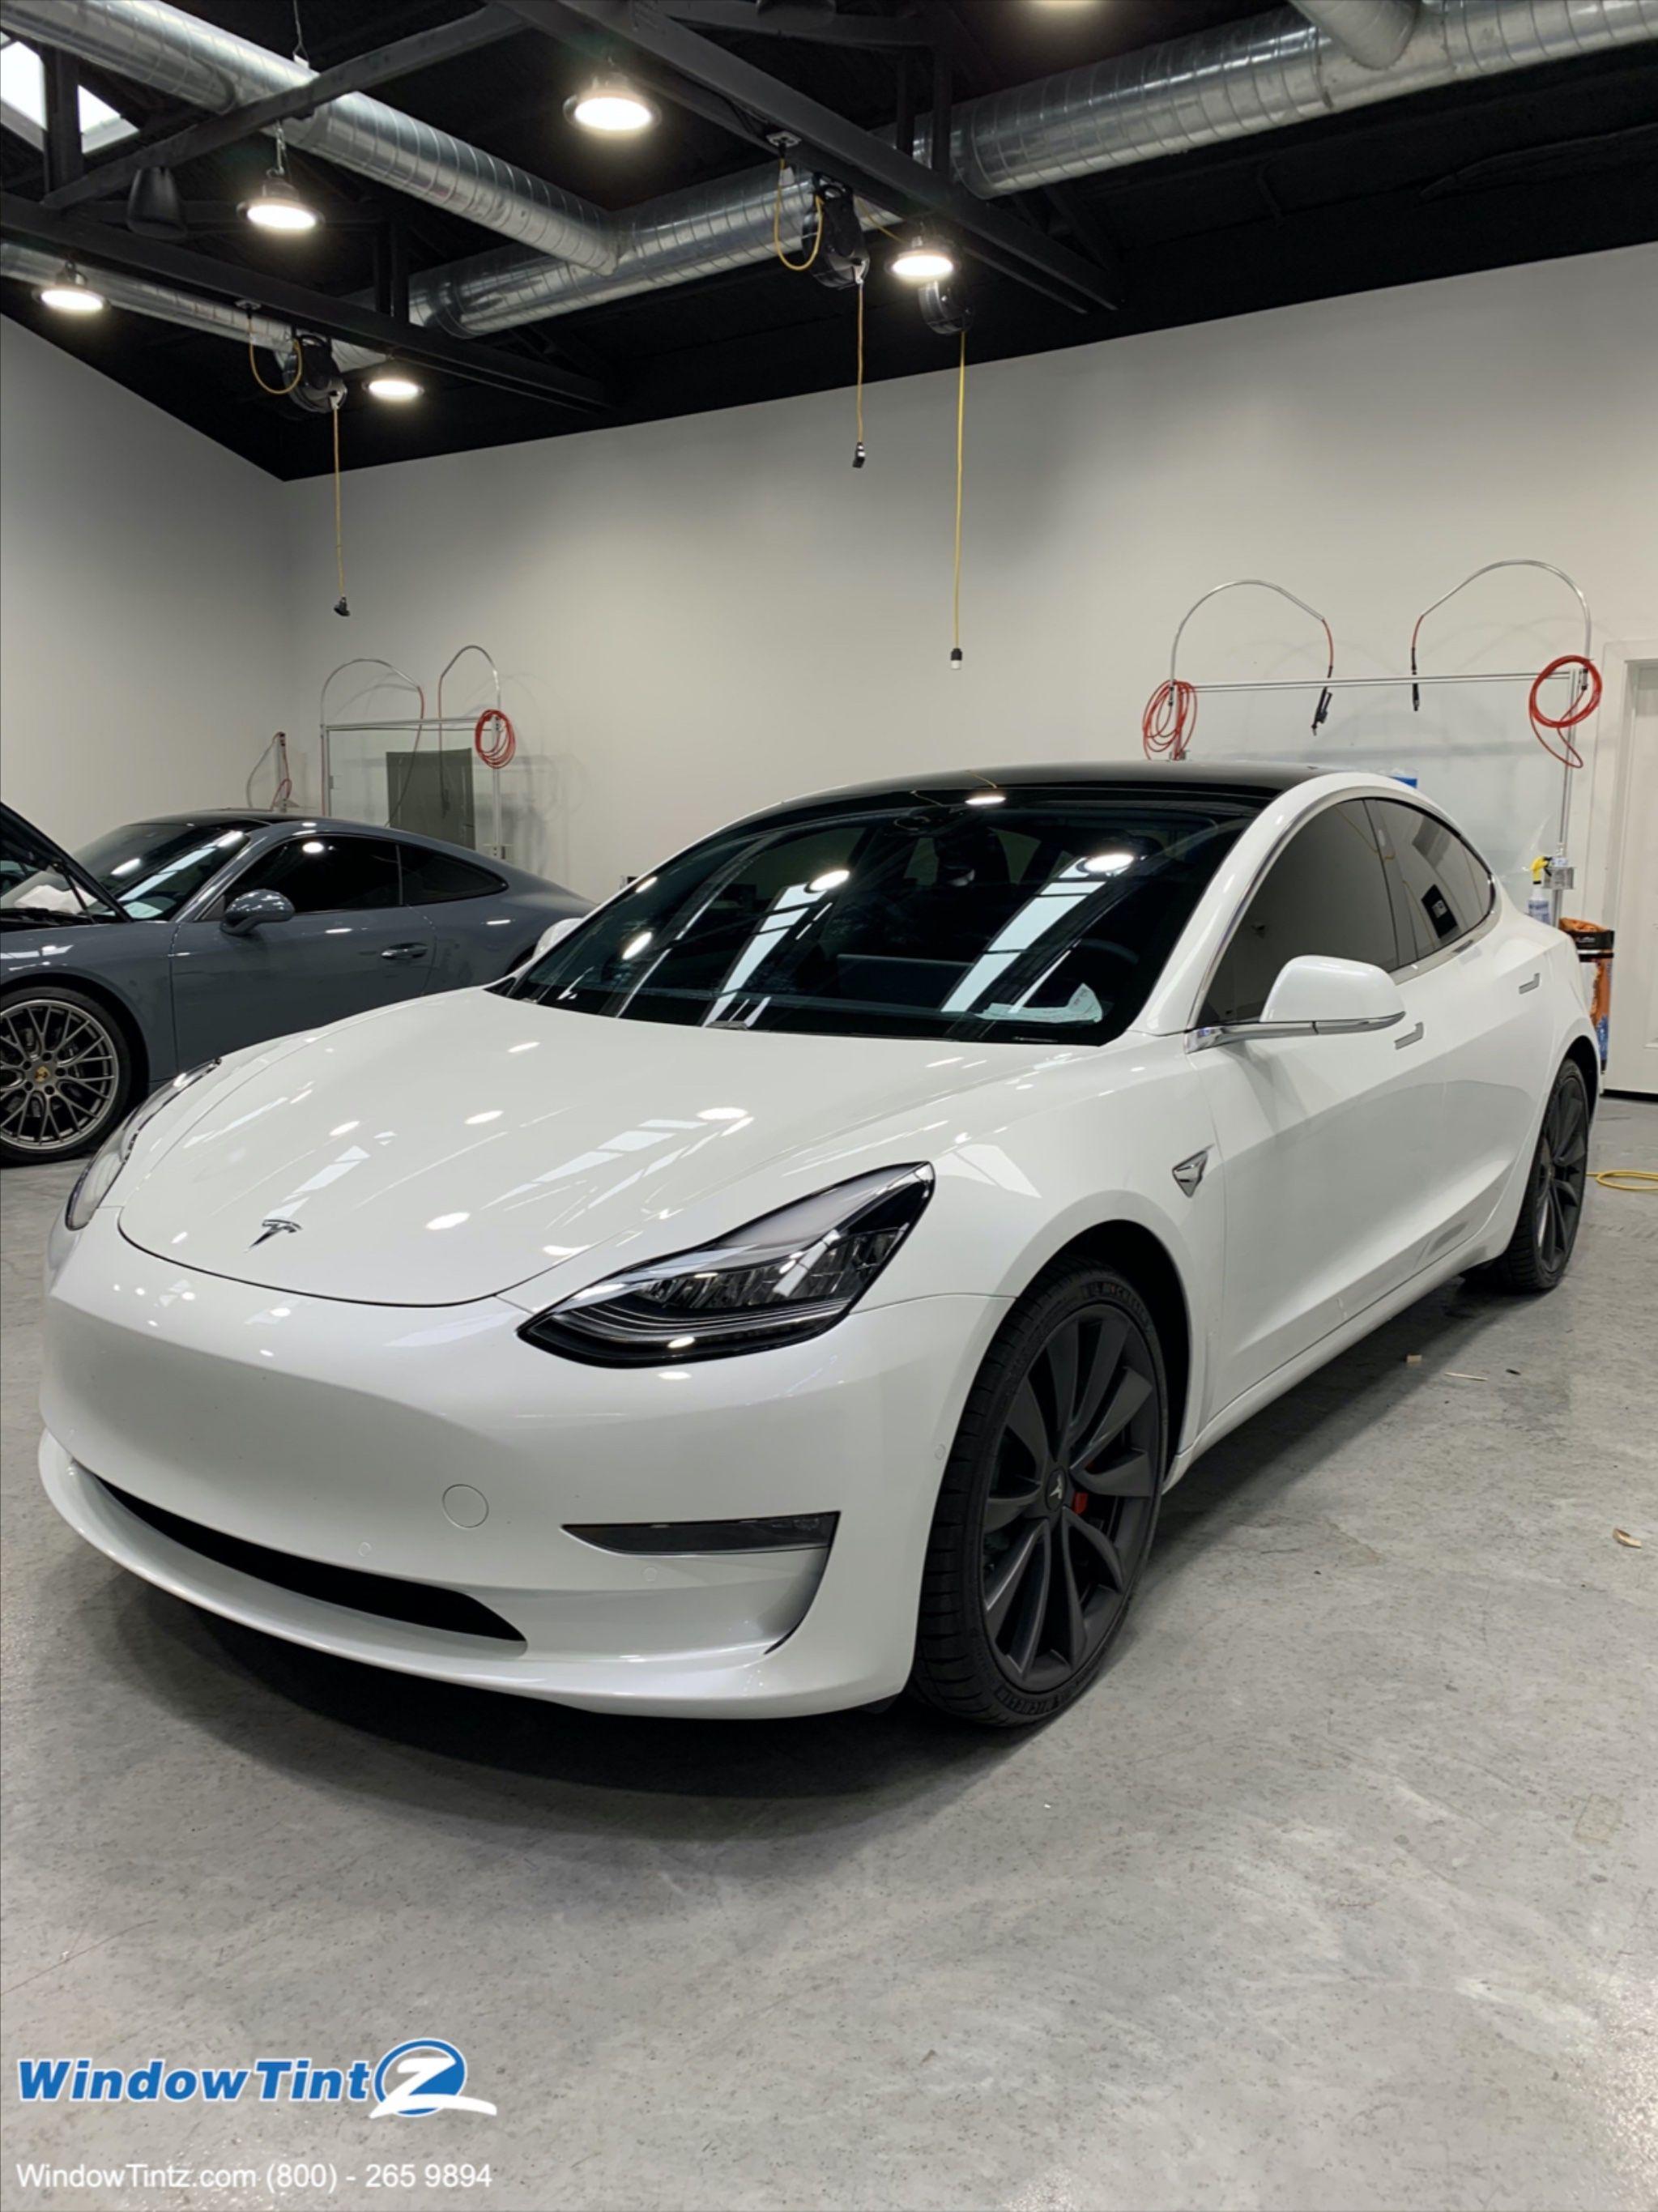 Tesla Model 3 Window Tint 35